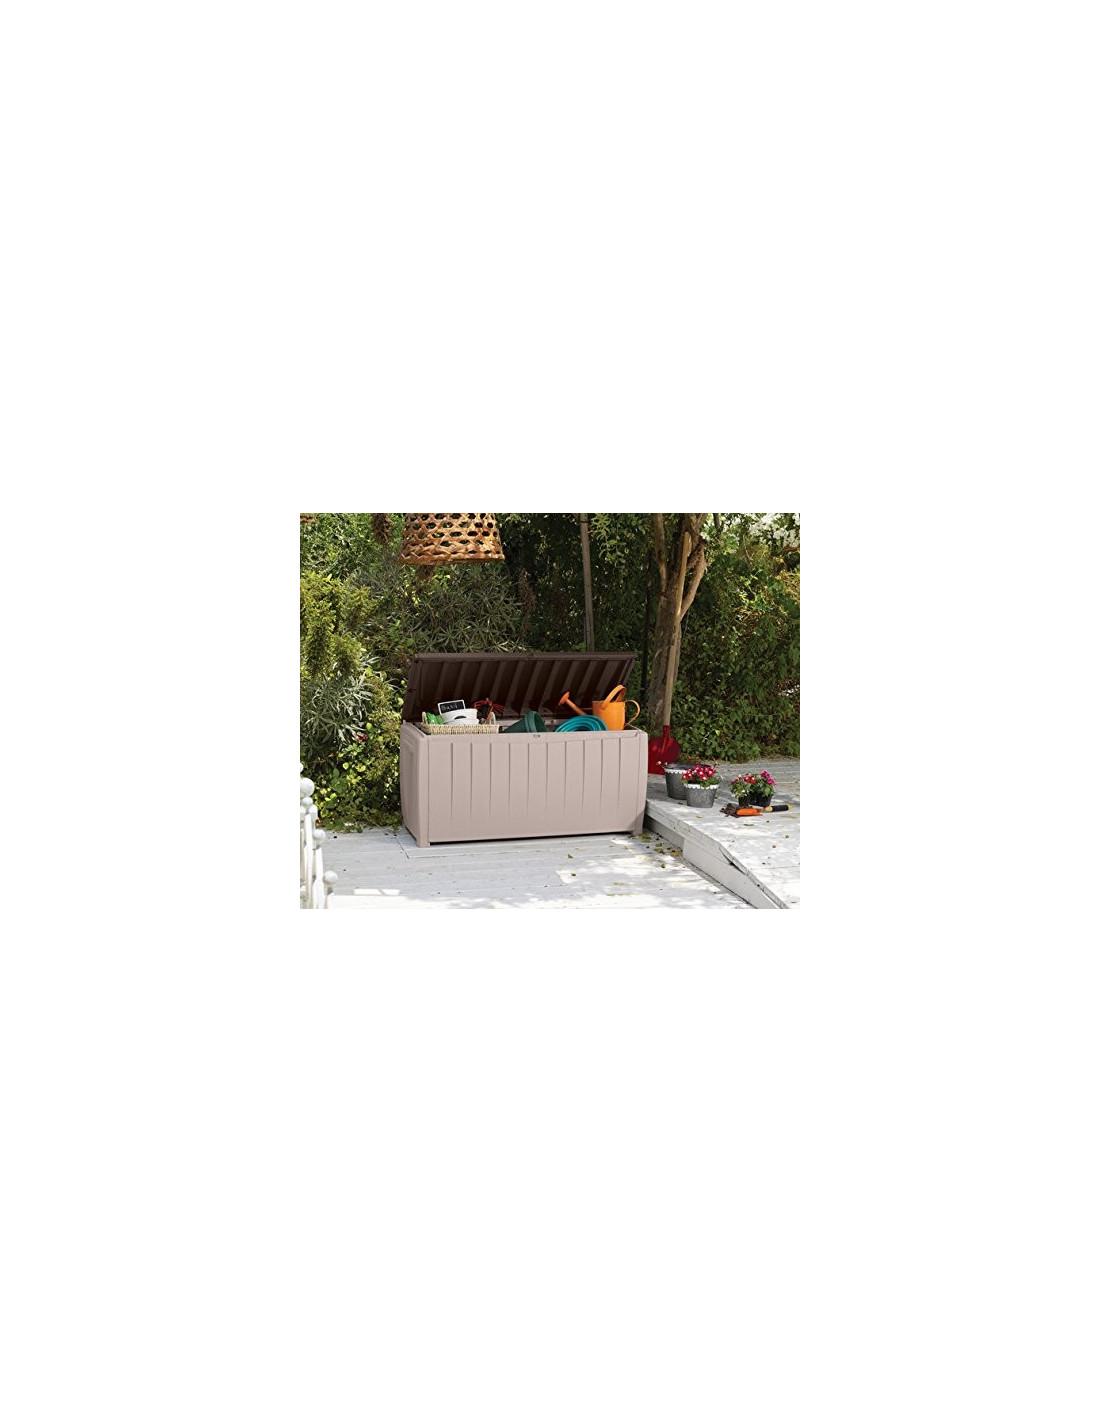 Chalet jardin coffre de rangement avec assise beige - Coffre rangement avec assise ...